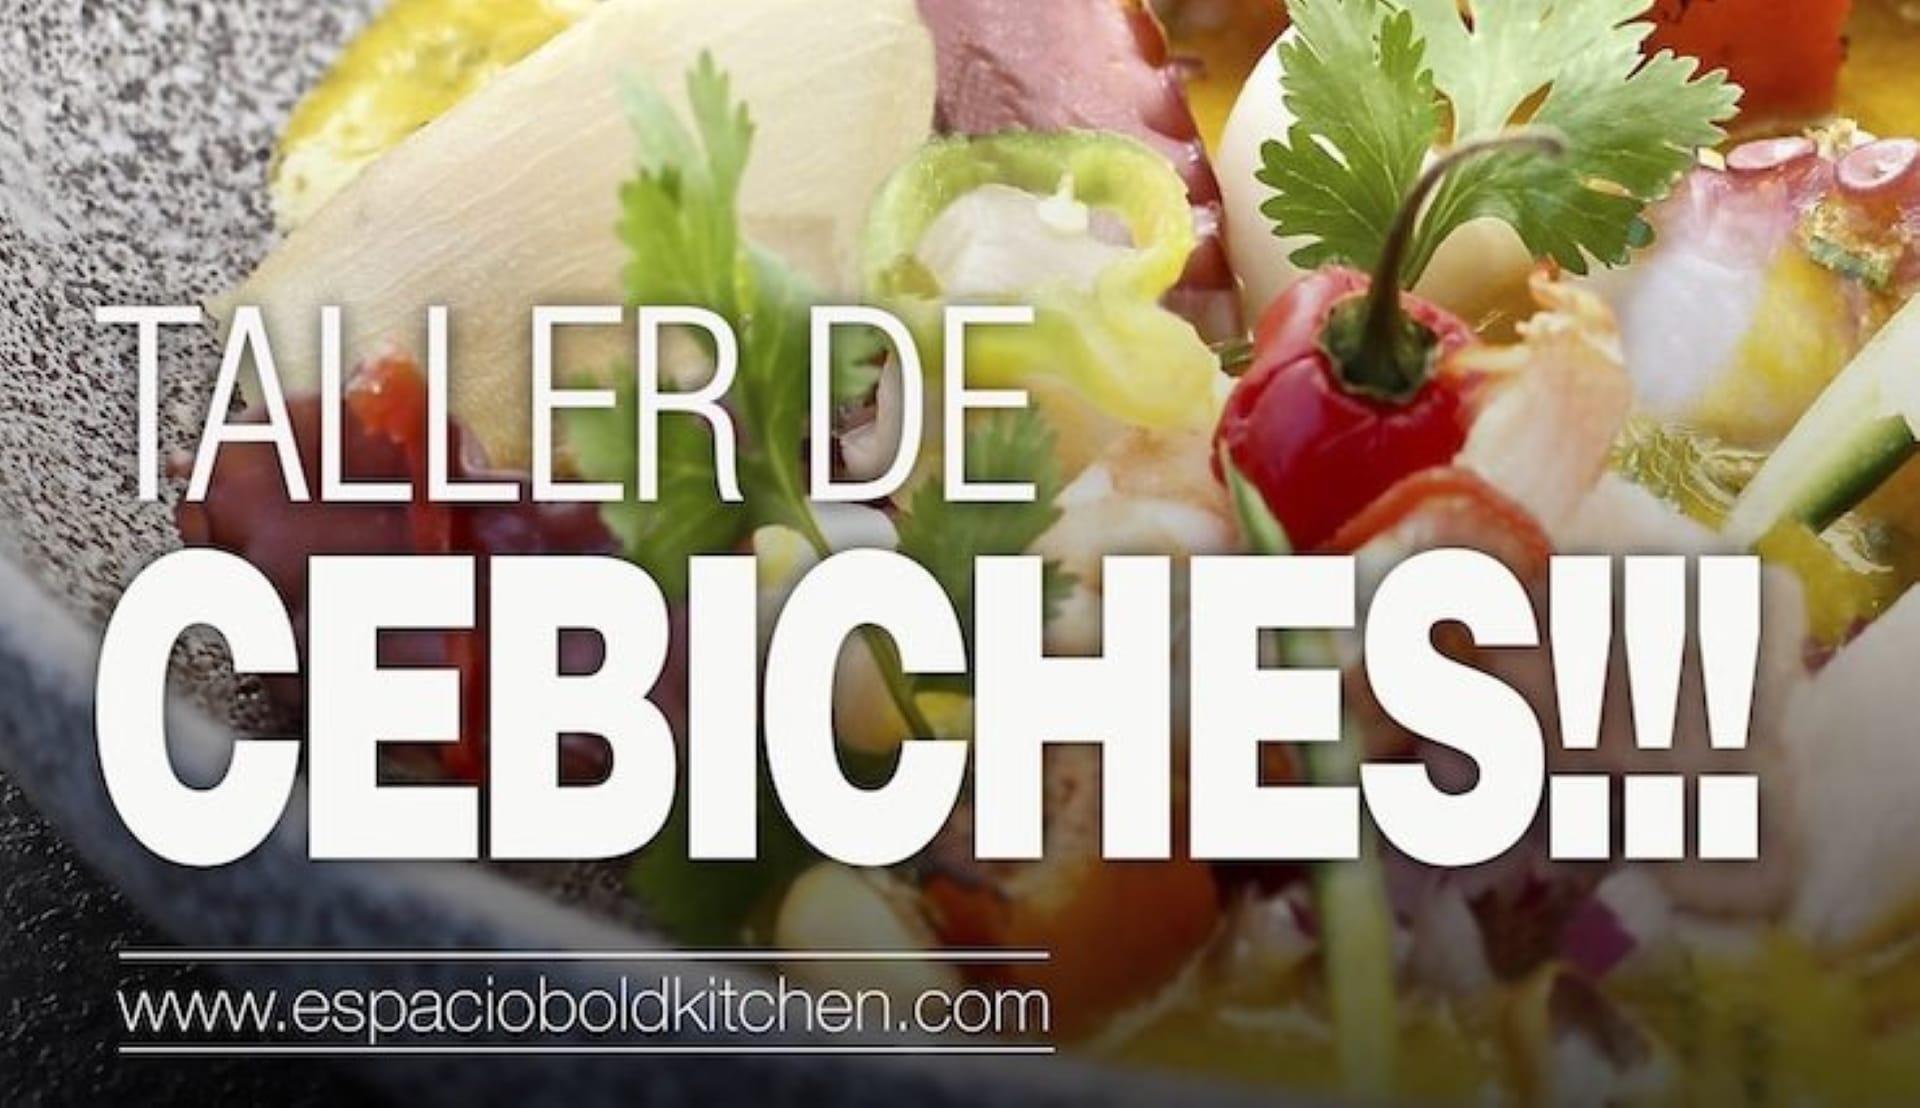 Taller de Cocina Cebiches con Jhosef Arias - 15 Abril